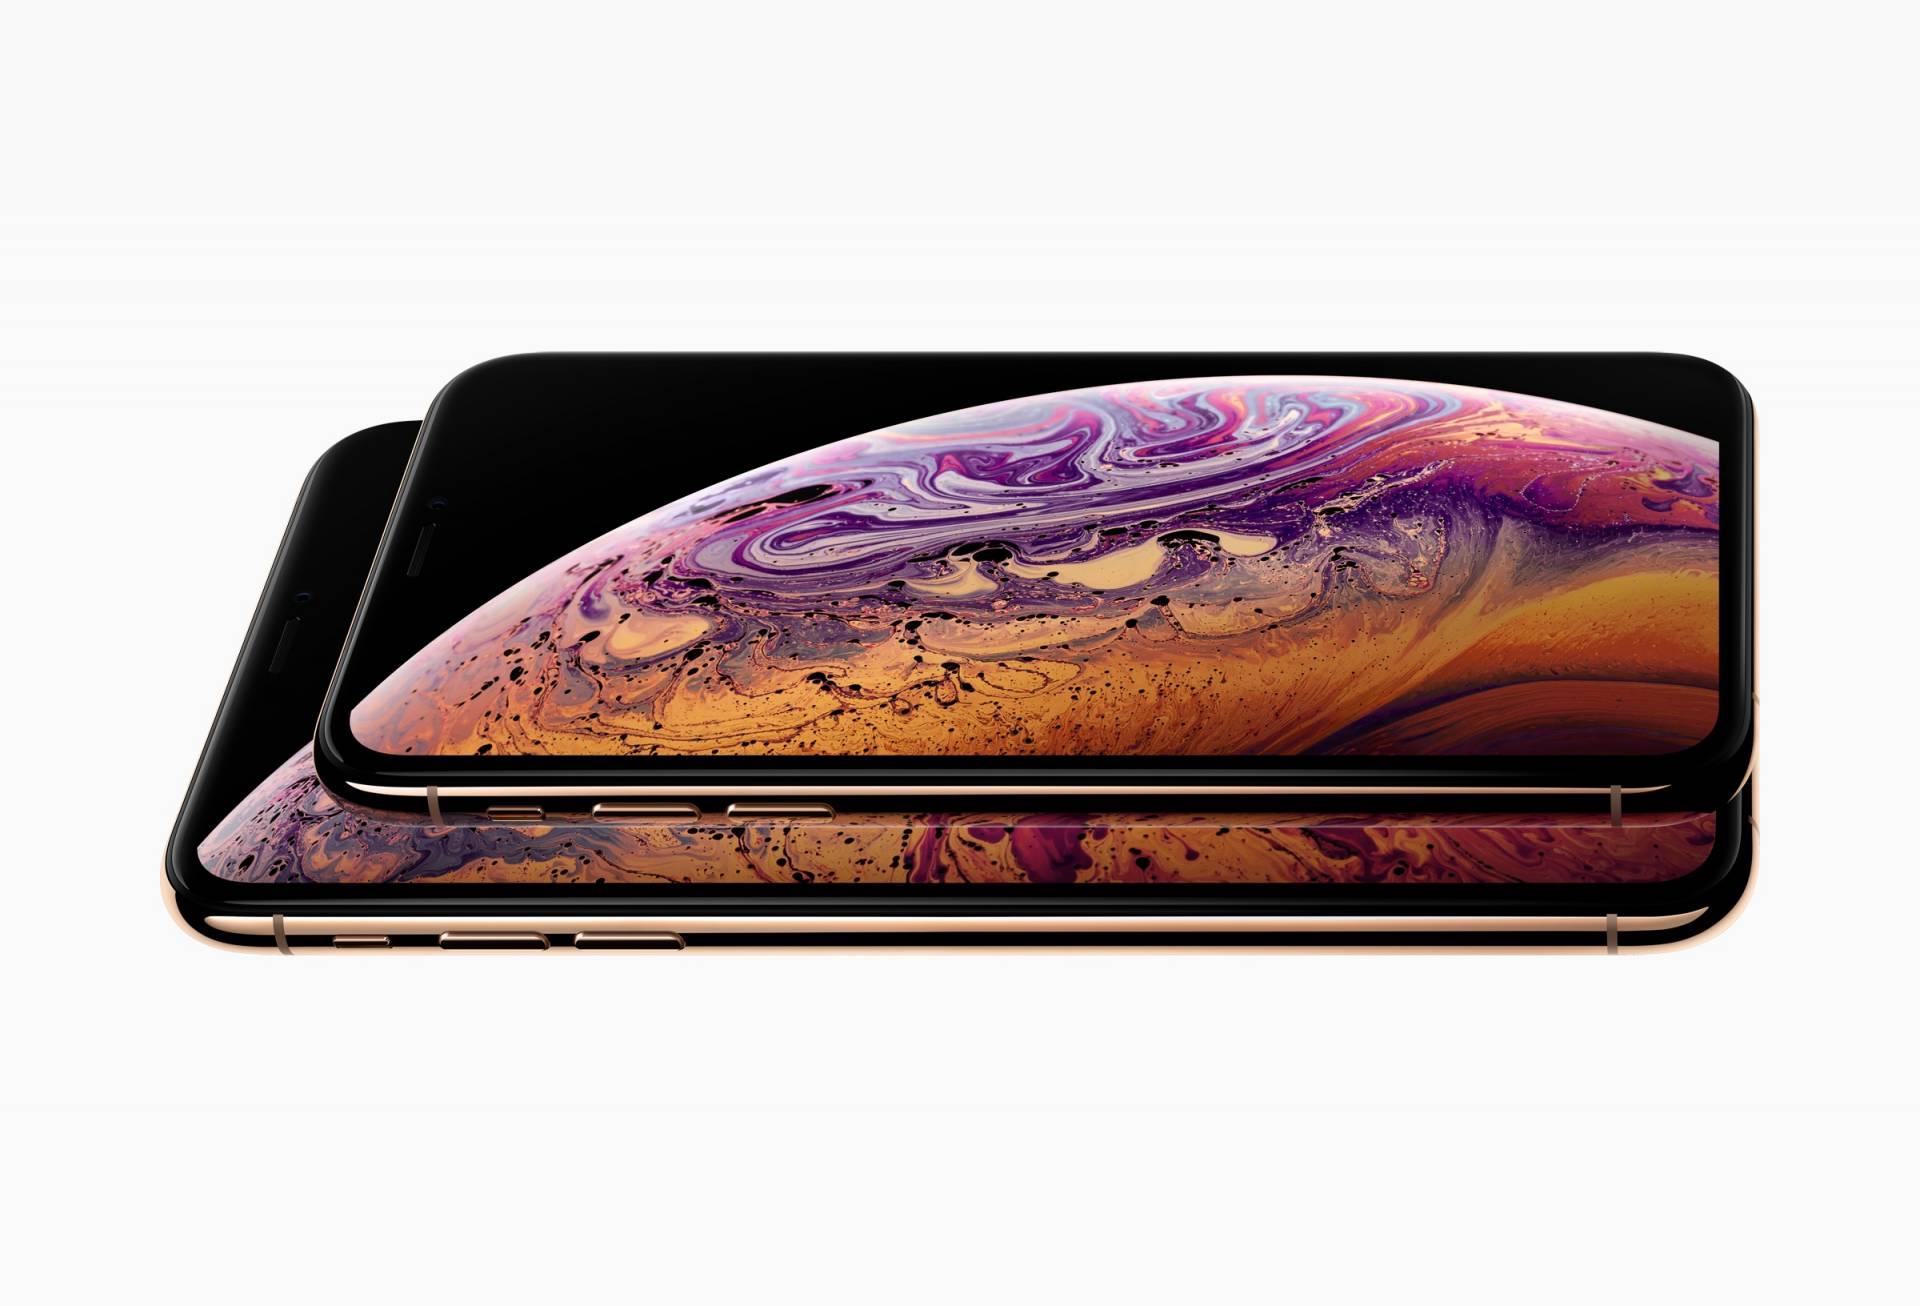 Iphone Xs Max Prezzo Scheda Tecnica E Caratteristiche Digitalic